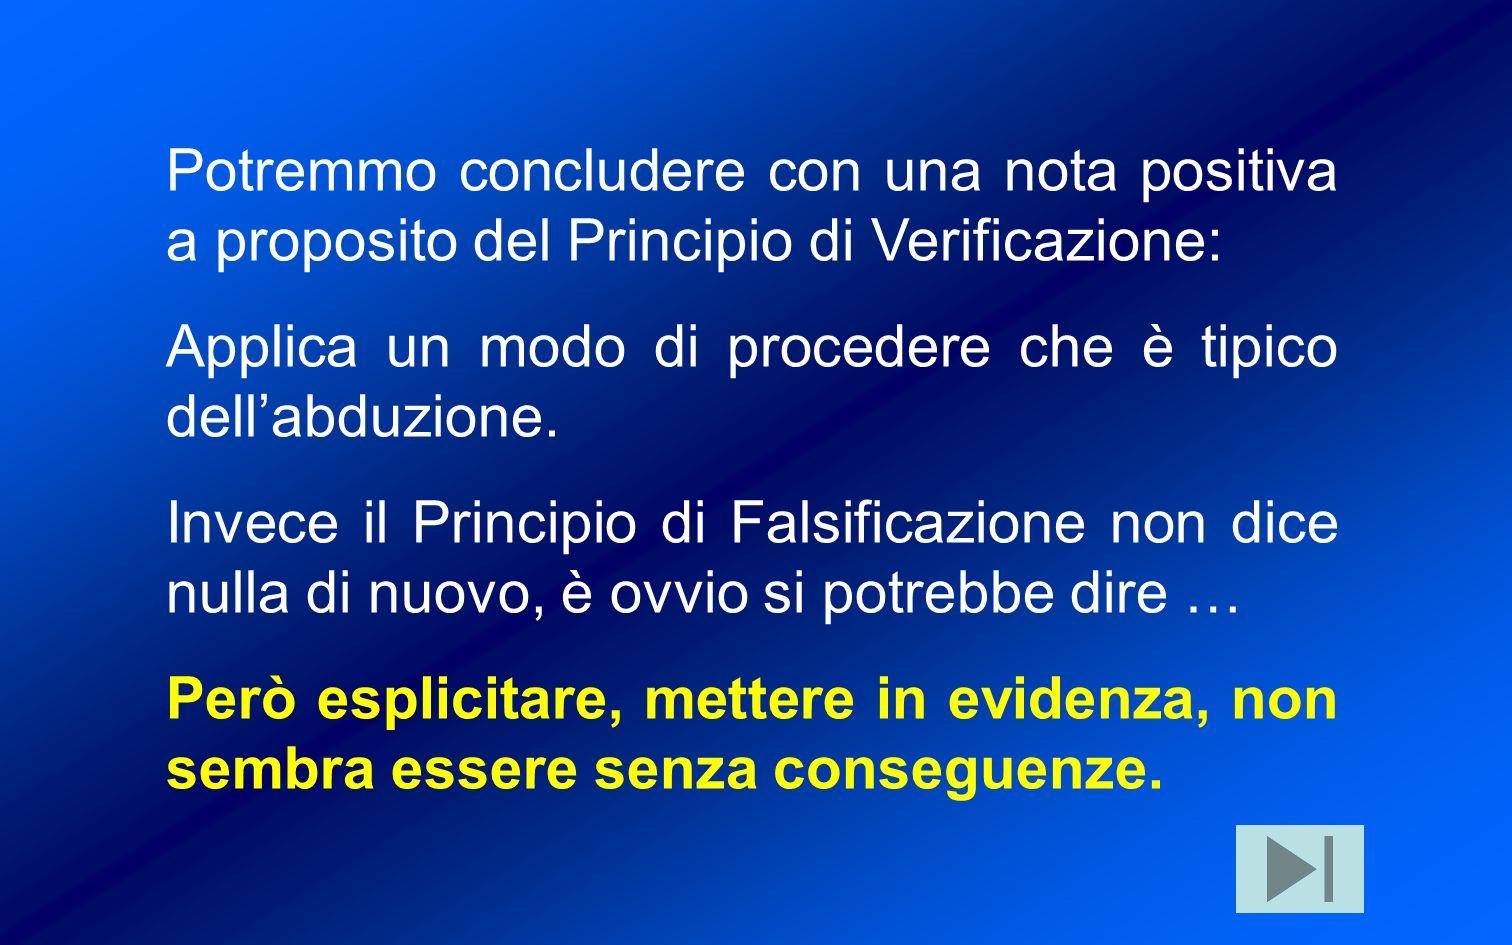 Potremmo concludere con una nota positiva a proposito del Principio di Verificazione: Applica un modo di procedere che è tipico dellabduzione.